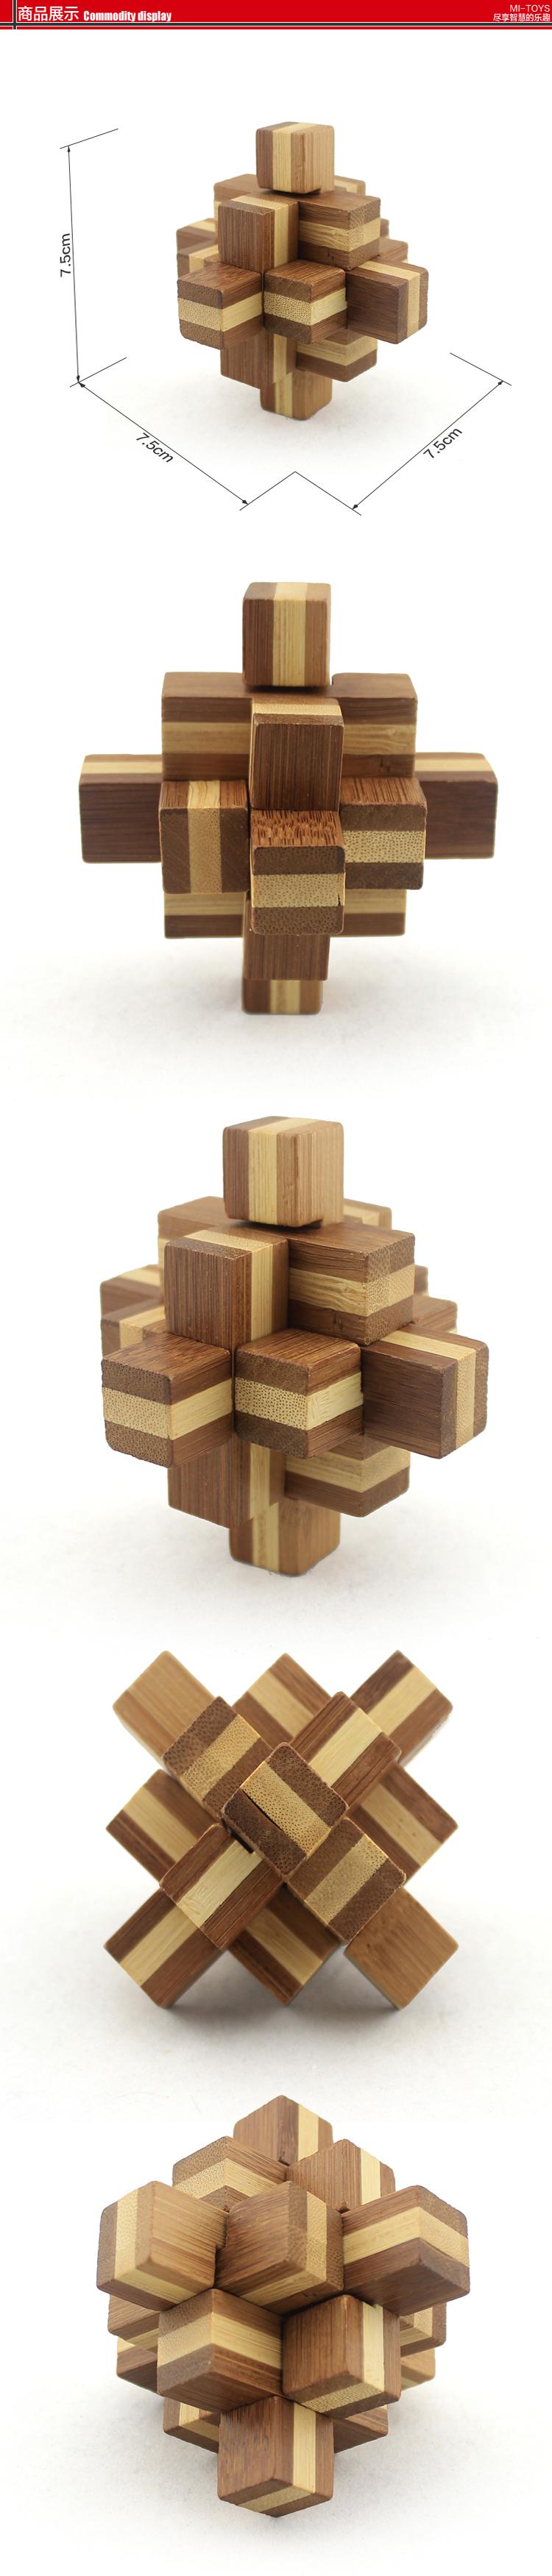 米米智玩 15通孔明锁